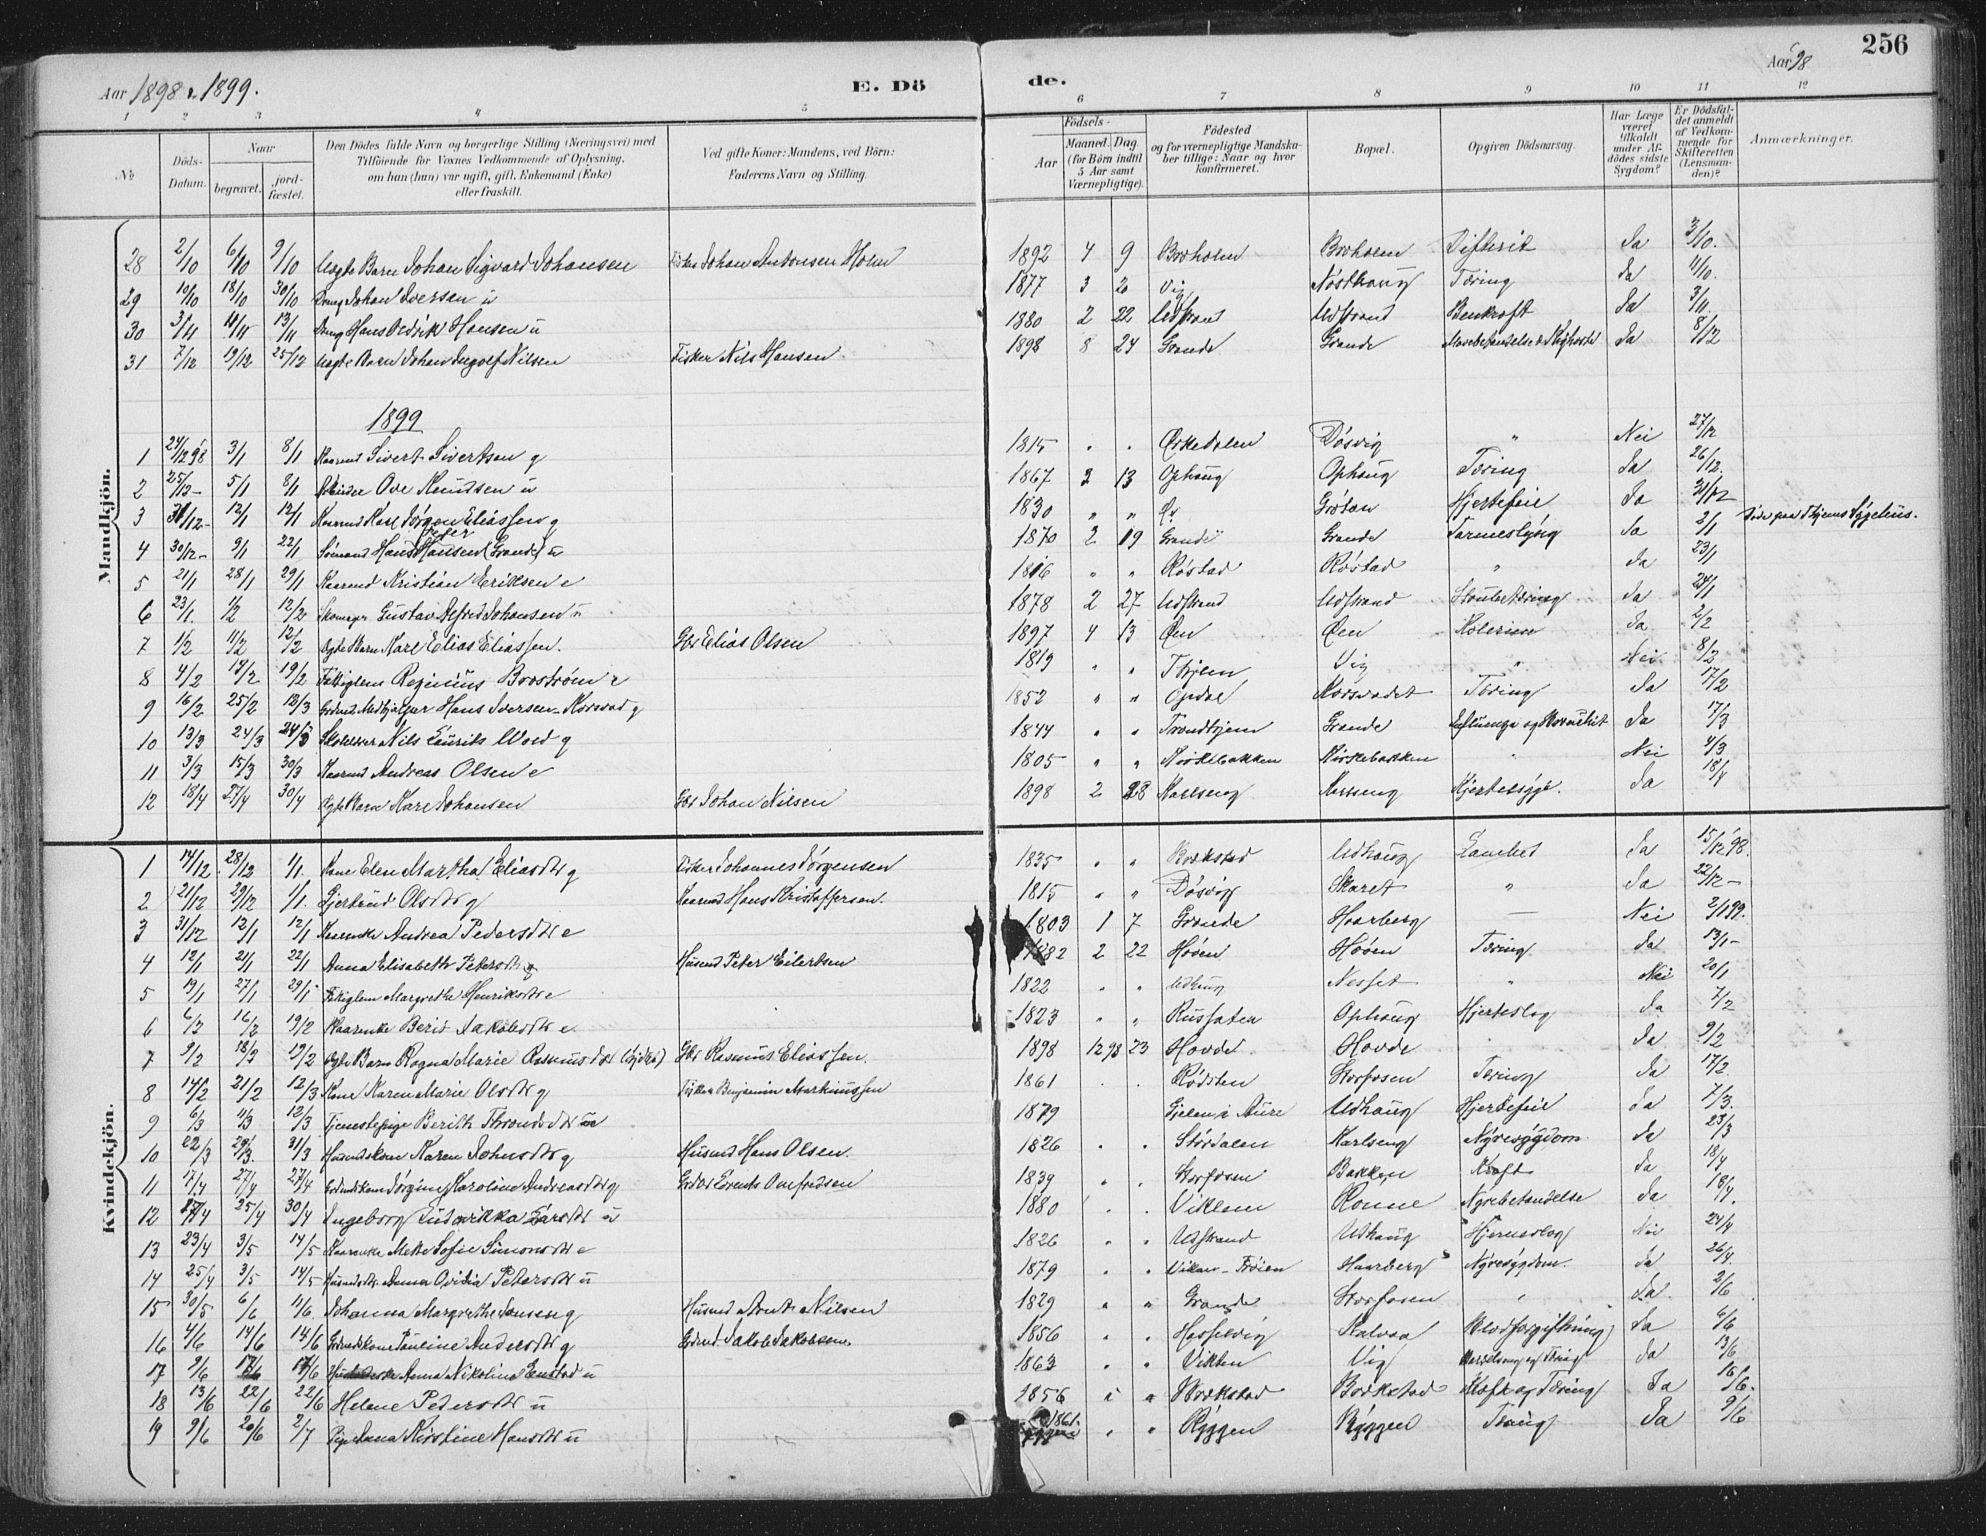 SAT, Ministerialprotokoller, klokkerbøker og fødselsregistre - Sør-Trøndelag, 659/L0743: Ministerialbok nr. 659A13, 1893-1910, s. 256